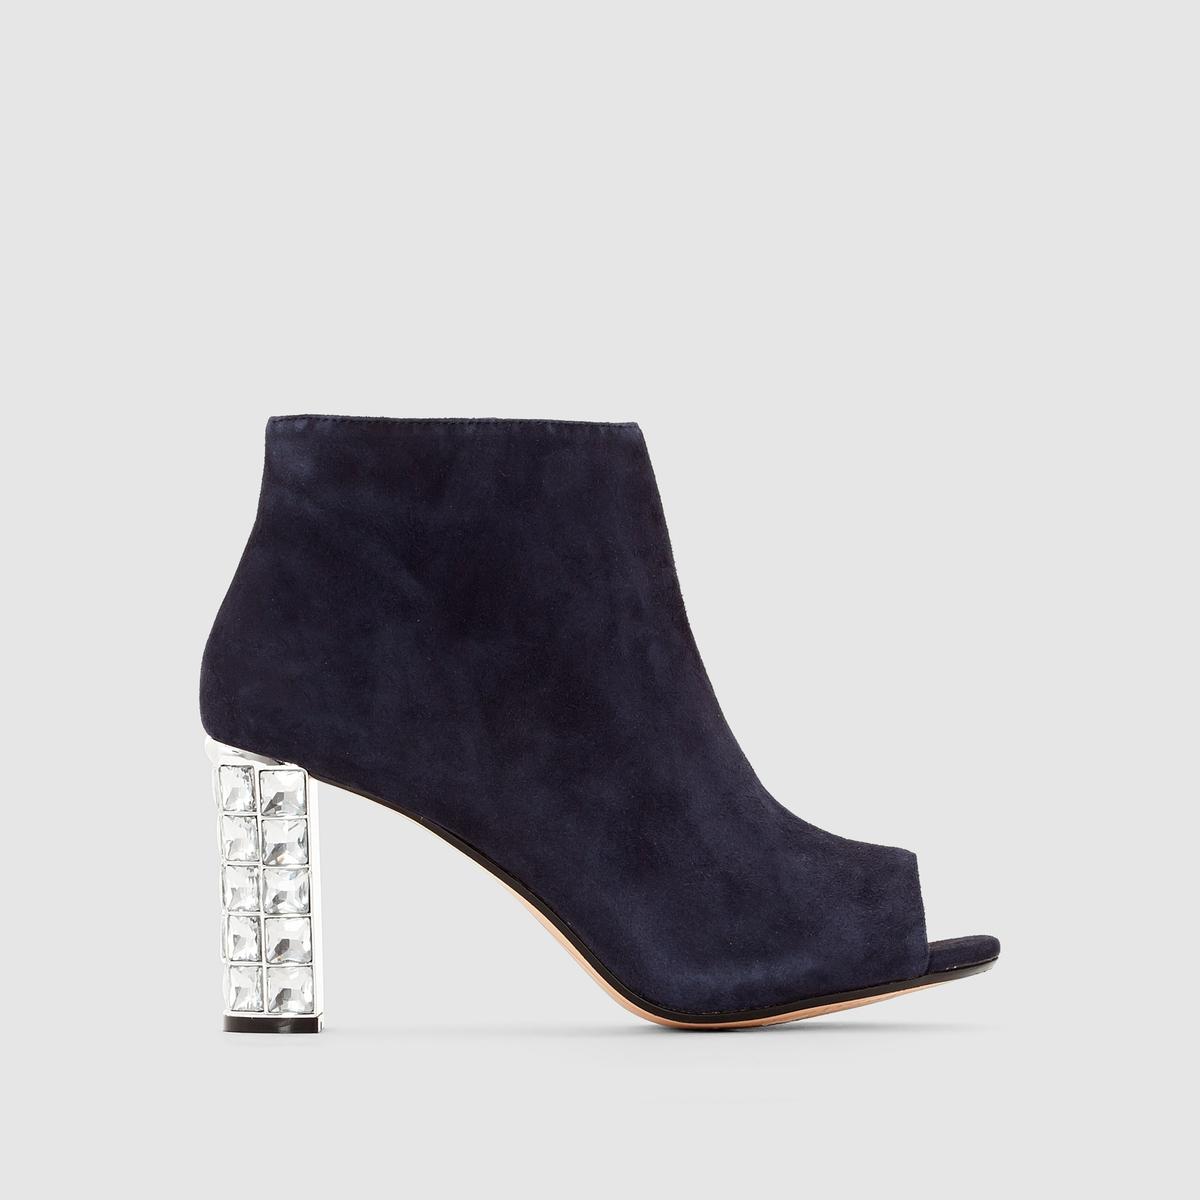 Image of Boots DANIELA